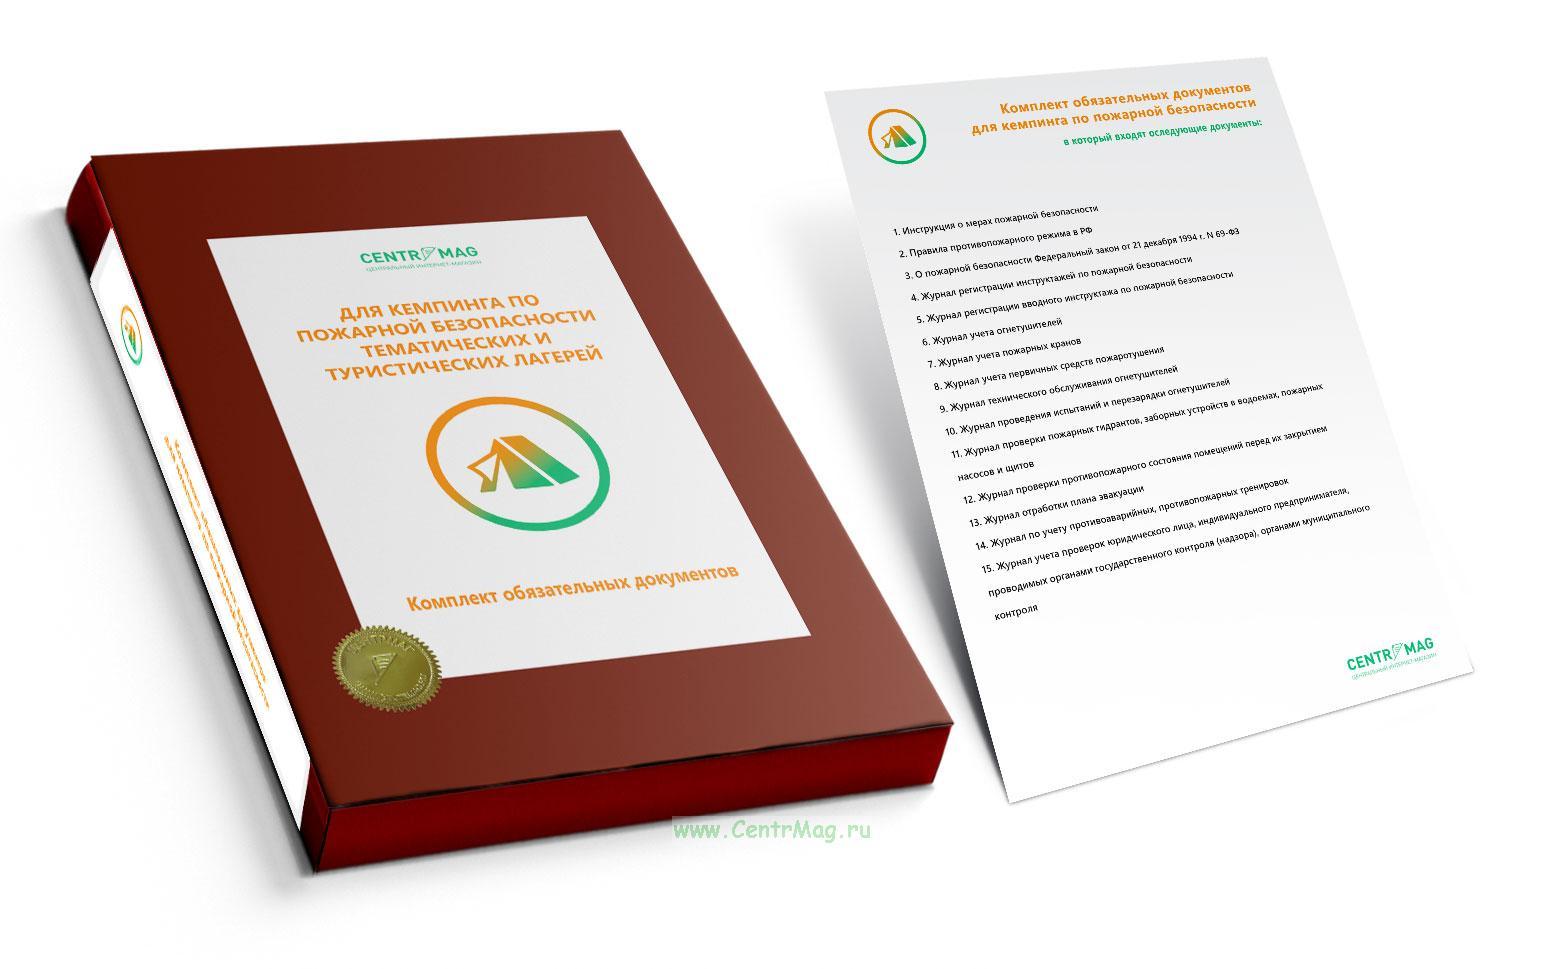 Комплект обязательных документов для кемпинга по пожарной безопасности